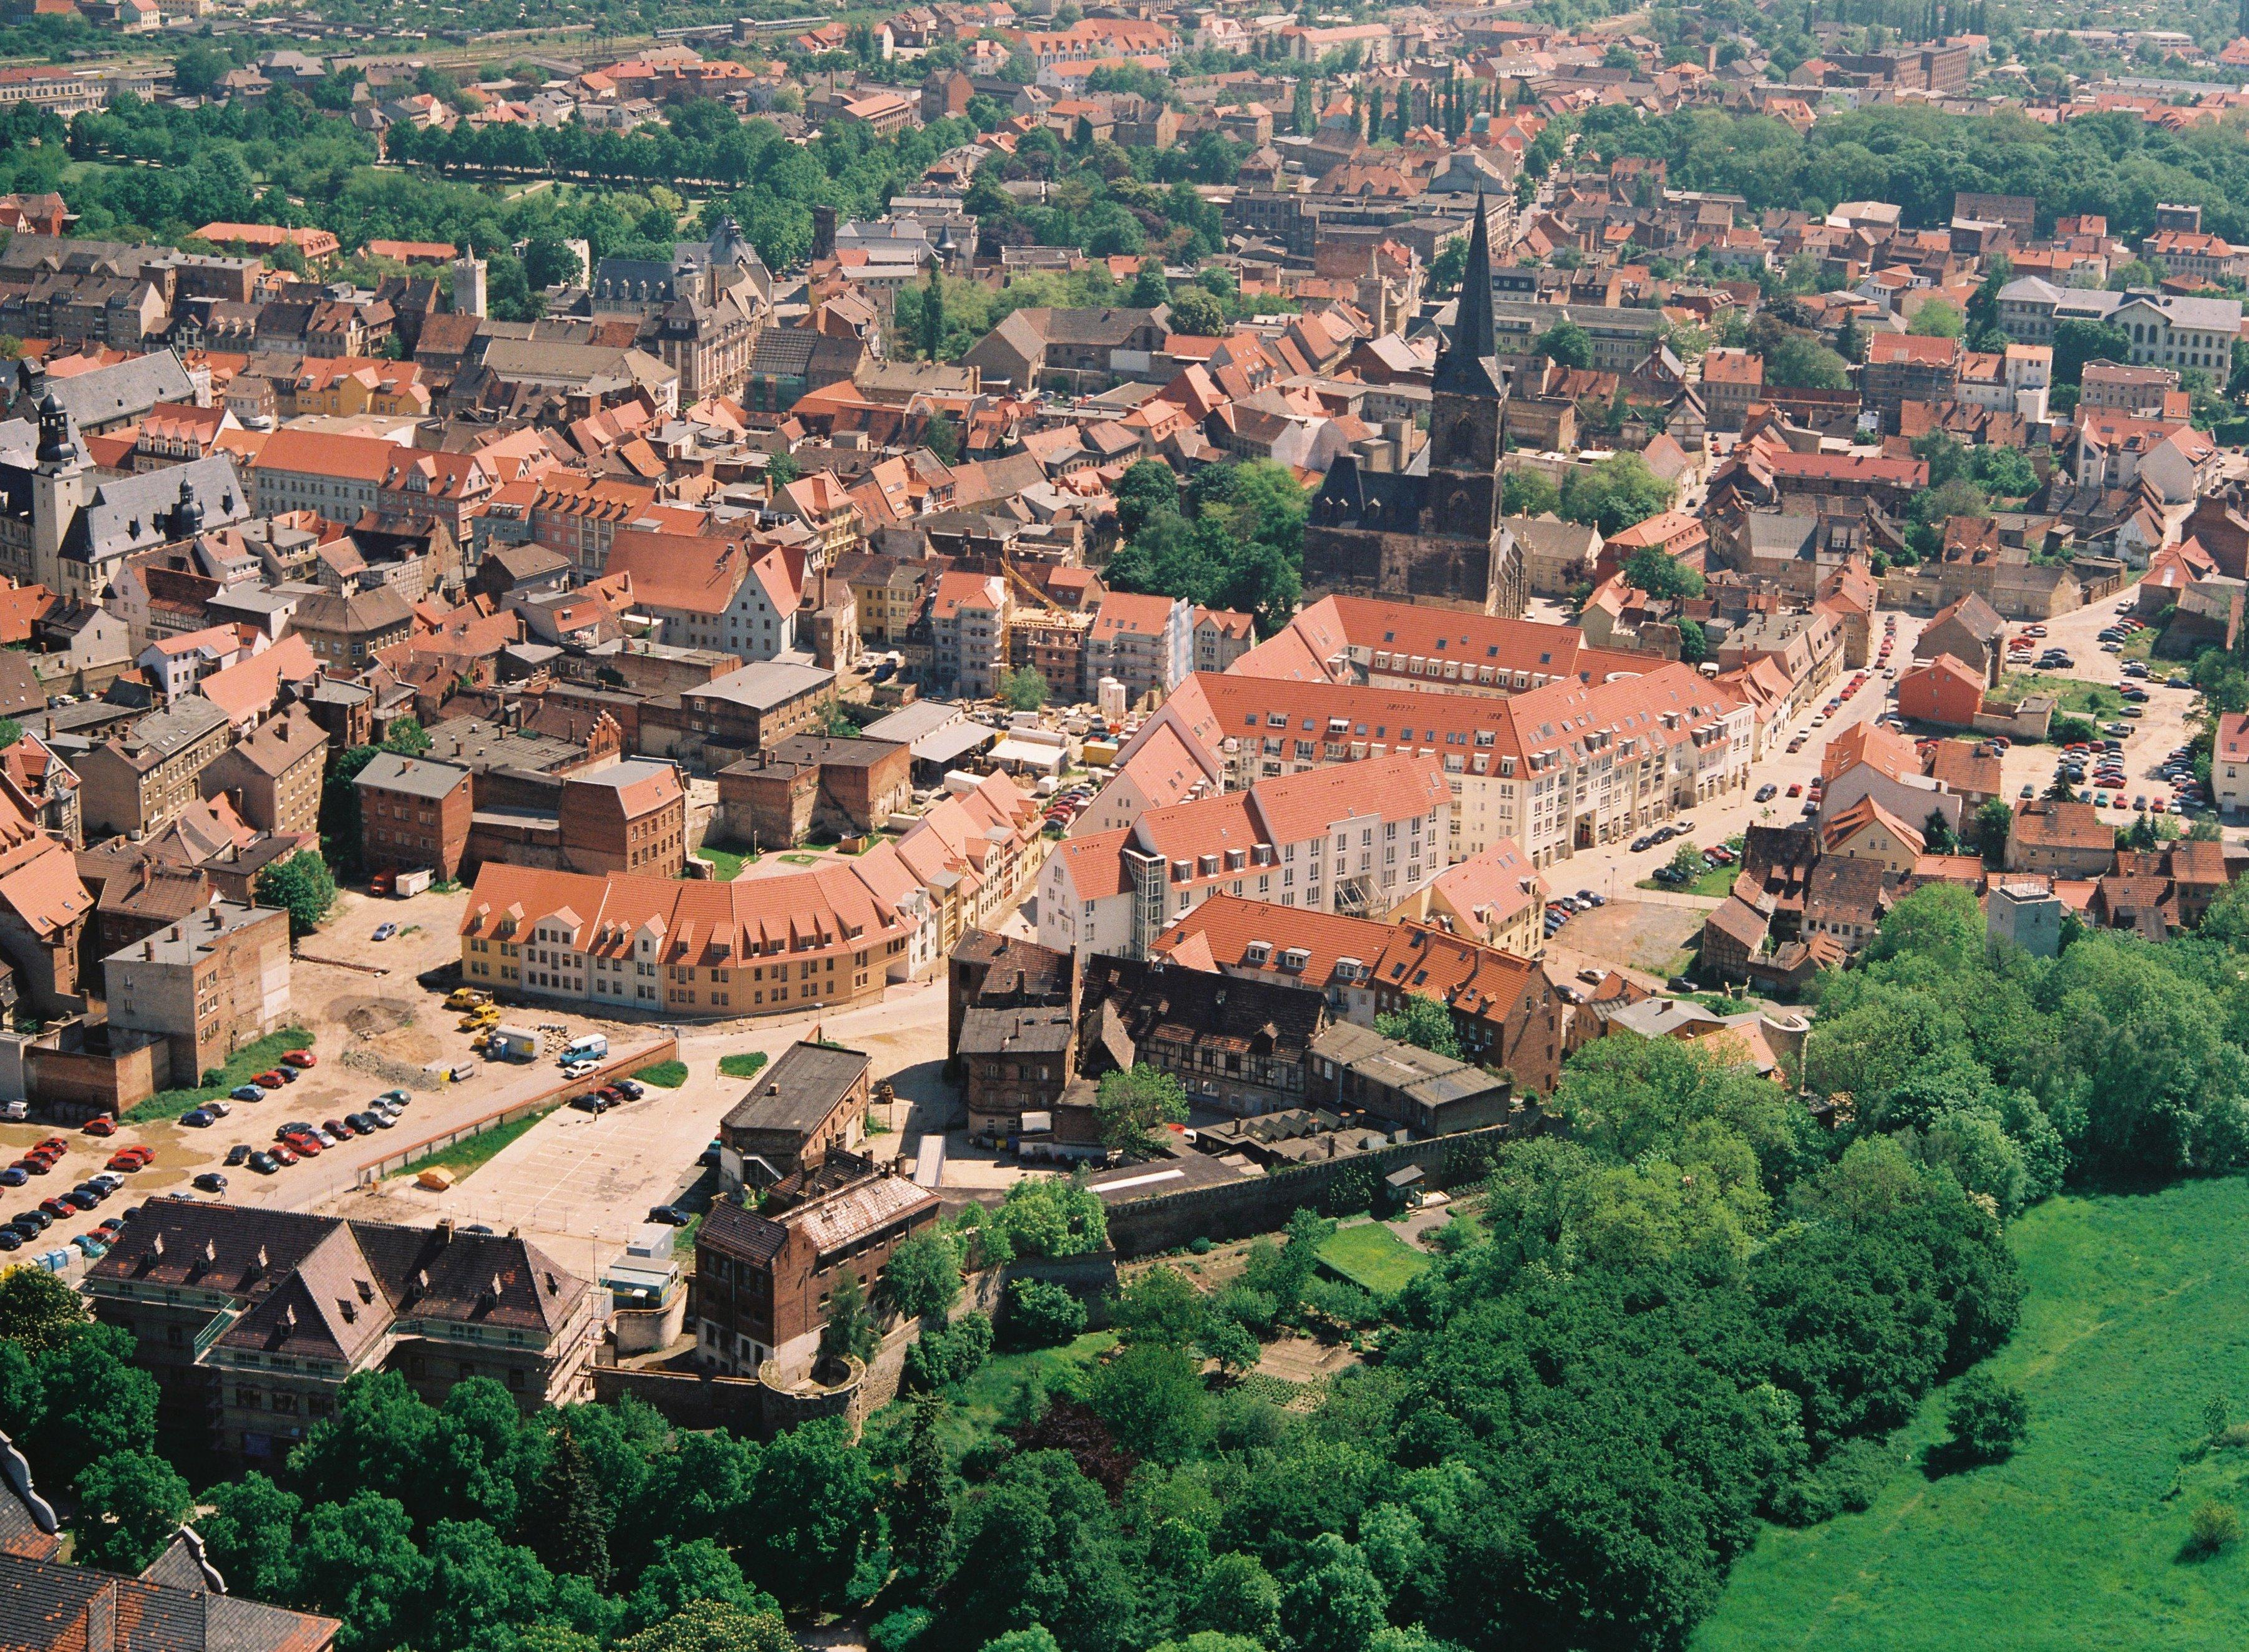 Altstadtcenter mit Zippelmarkt